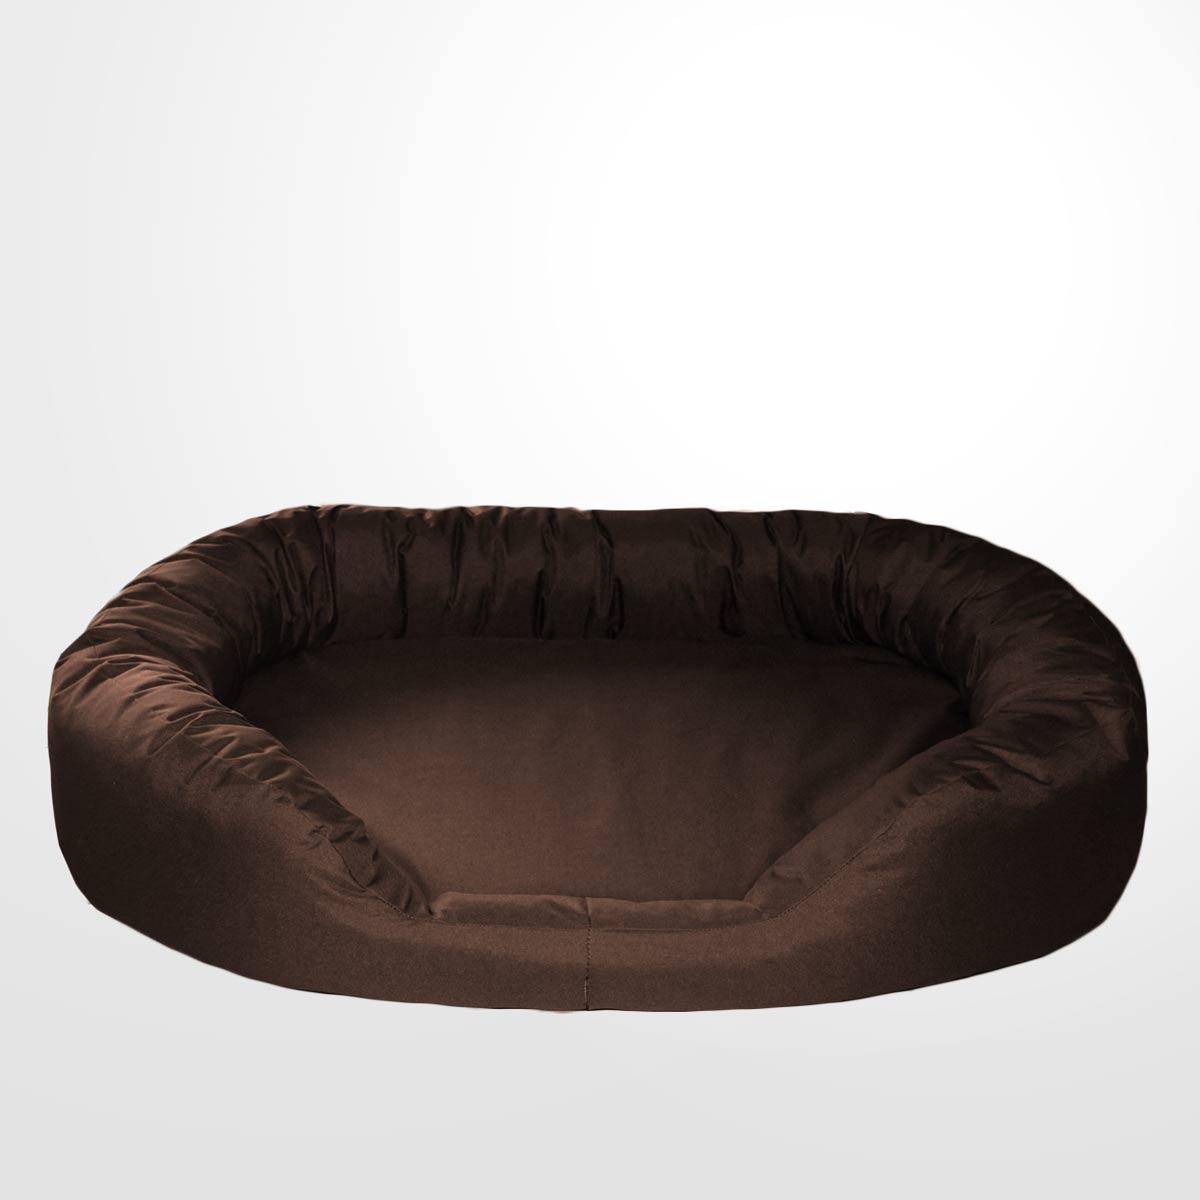 joodog PORTO B6 Ortho | P600D, Orthopädische Hundematte, Hundebetten Grosshandel, Wholesale